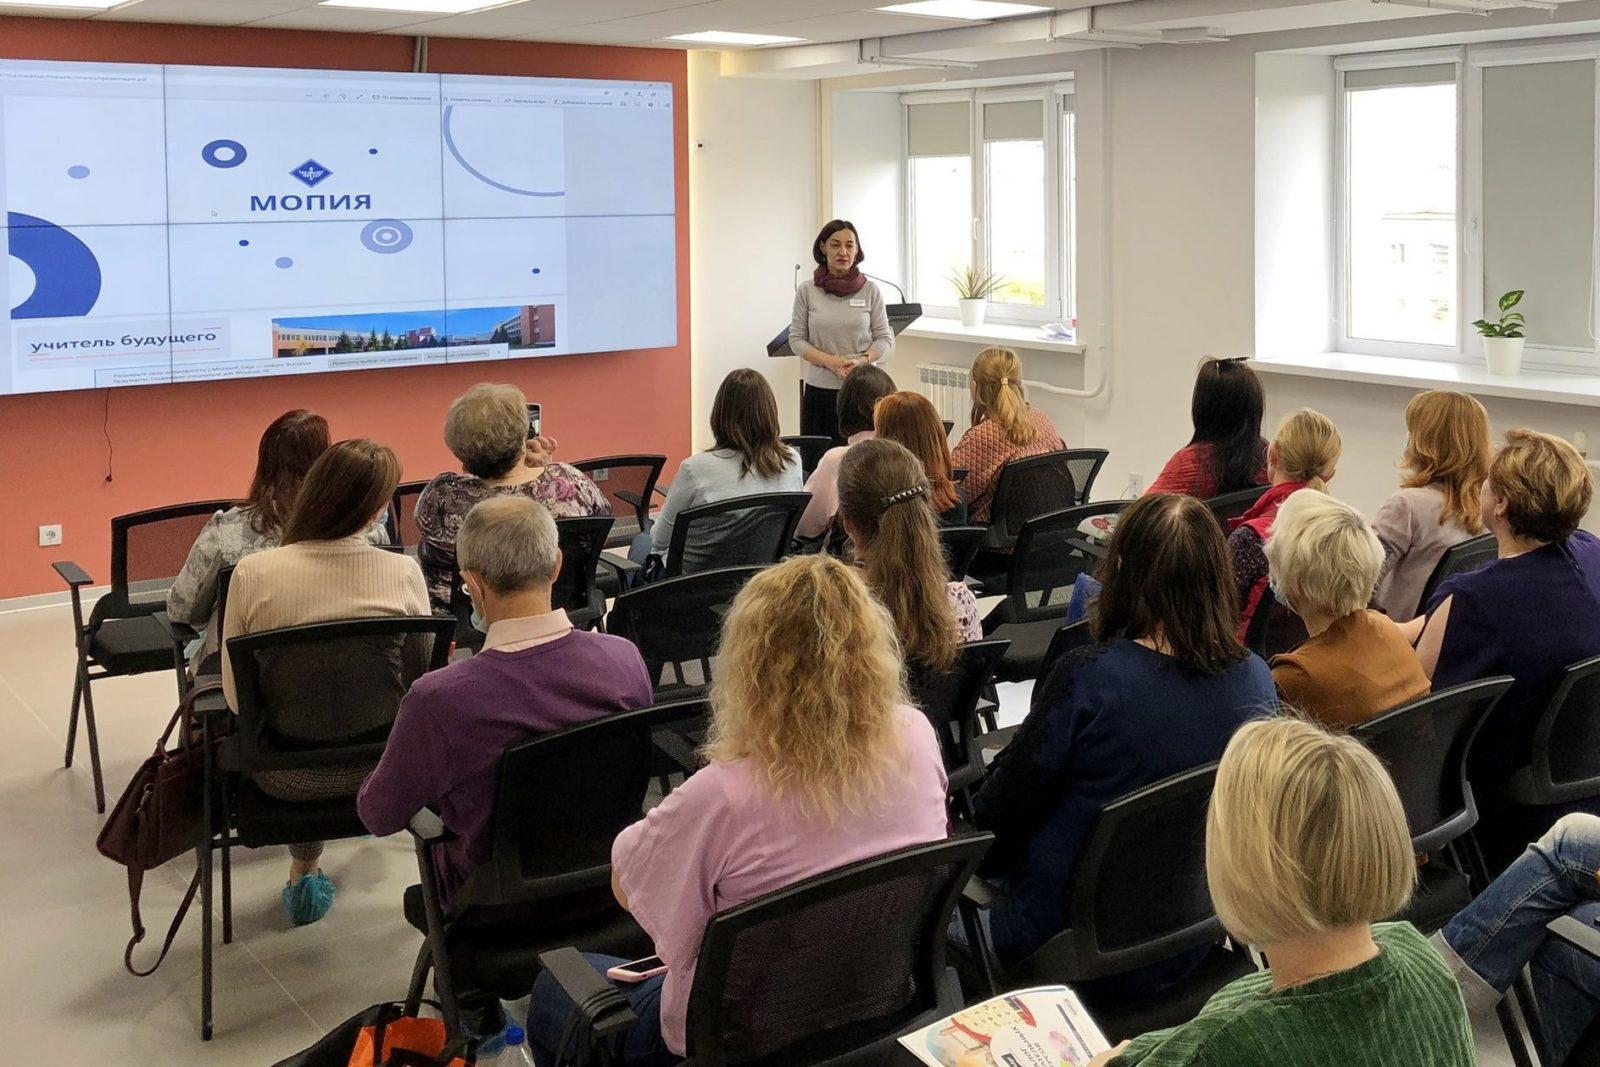 В Екатеринбурге презентовали новую методику изучения иностранных языков с помощью музыки